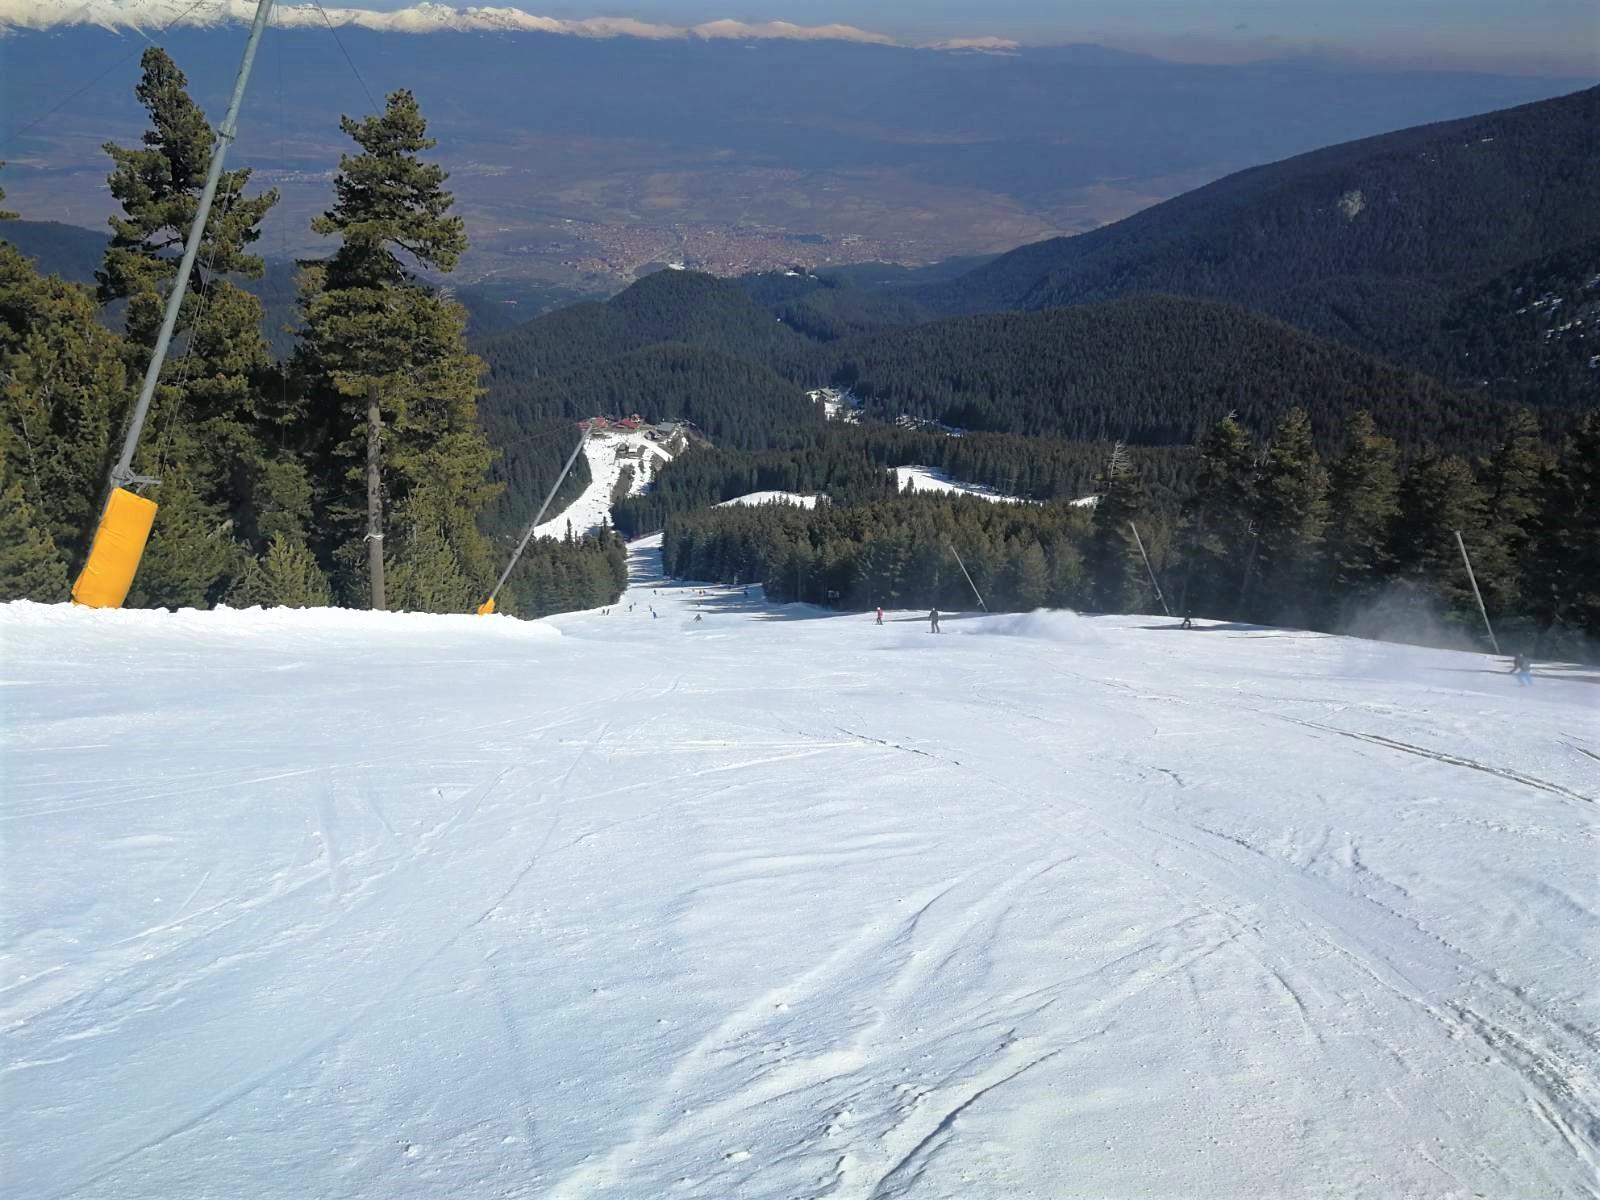 Ski Slope Number 4